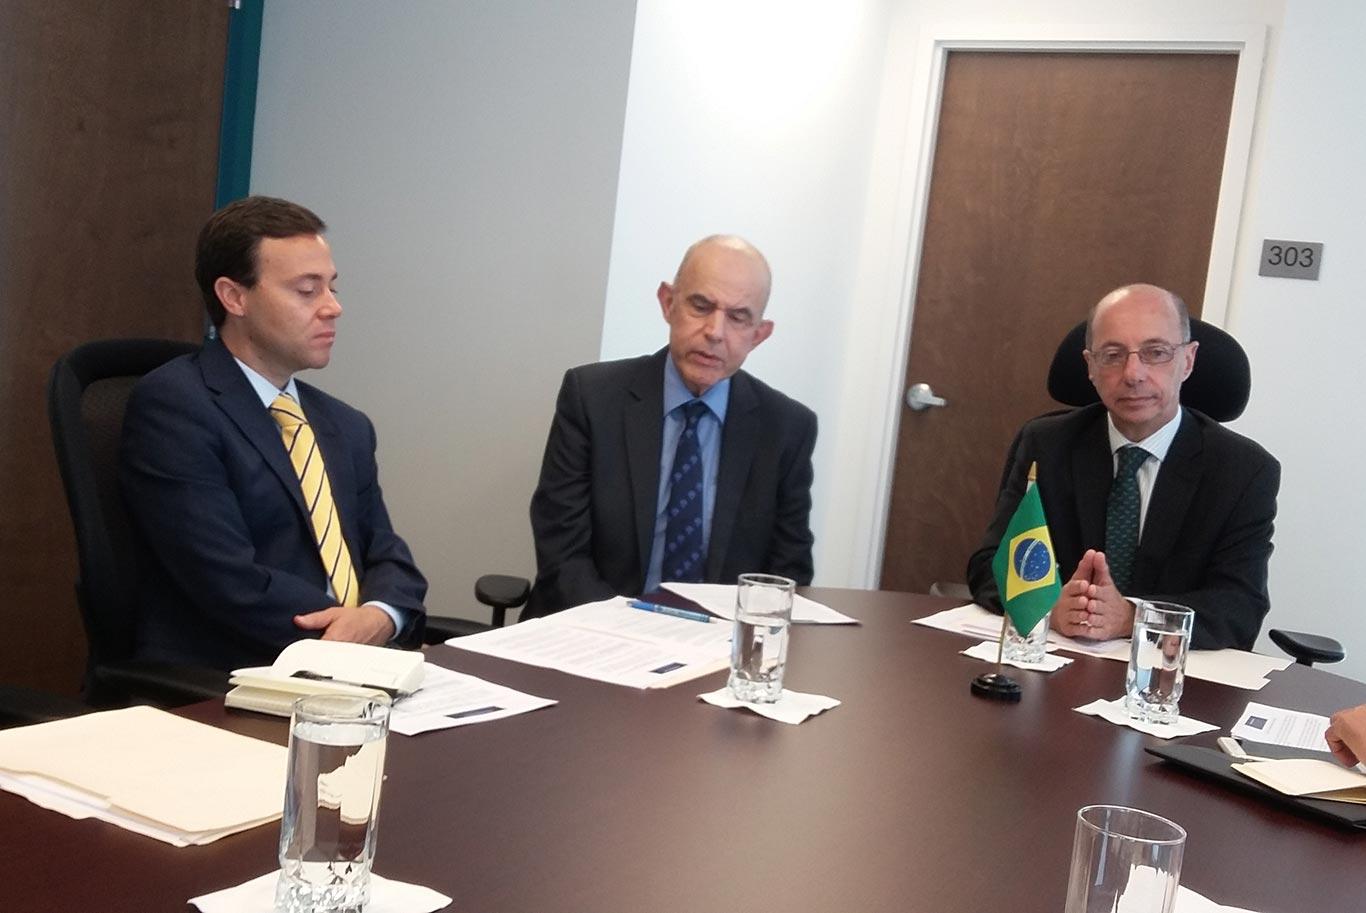 Cônsul-Geral do Brasil em Miami fez anúncios importantes para dinamizar o serviço